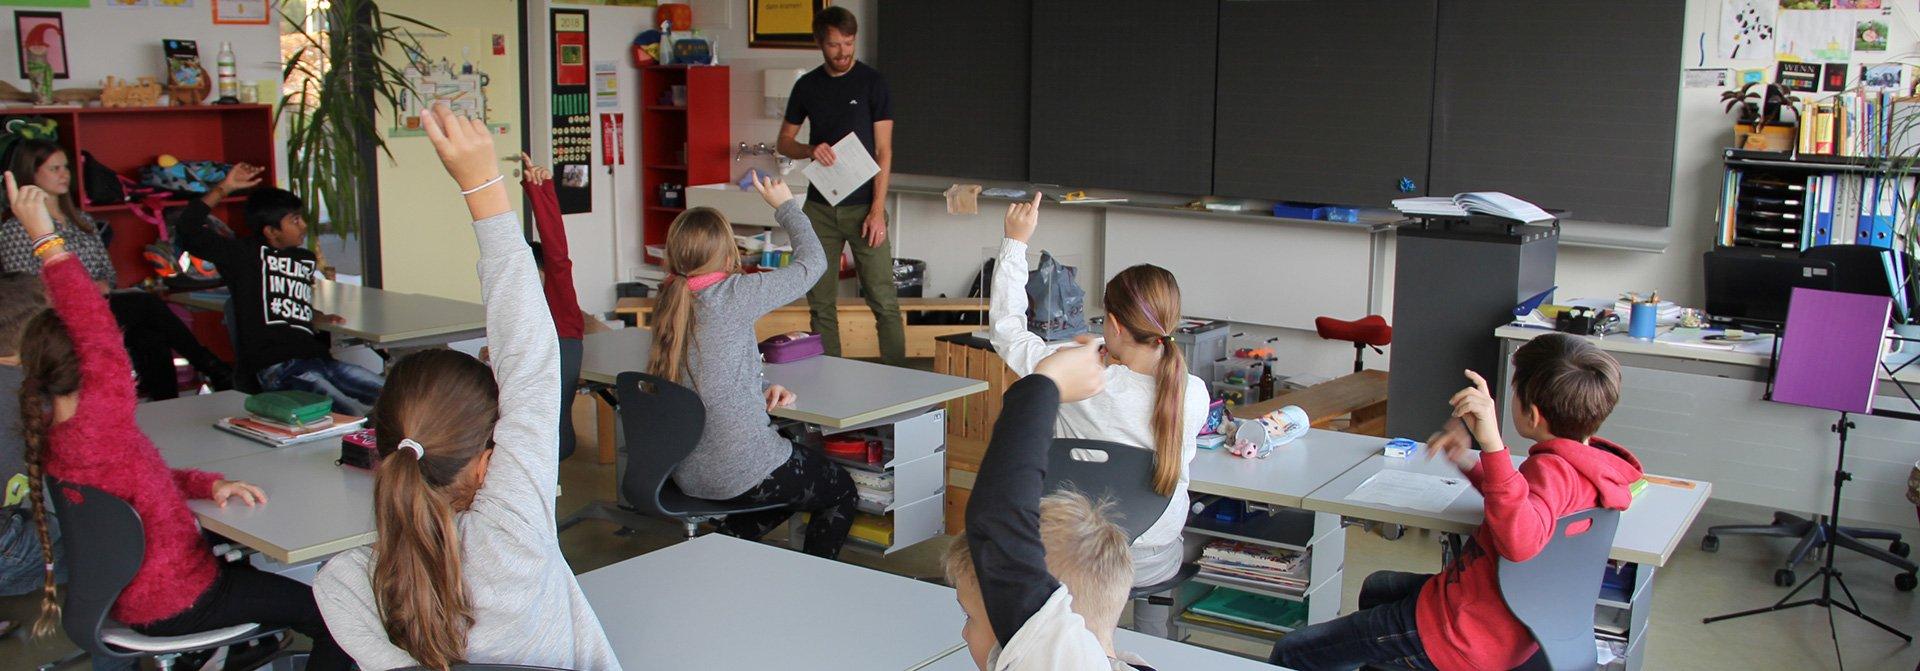 Kinder beantworten Frage im Unterricht